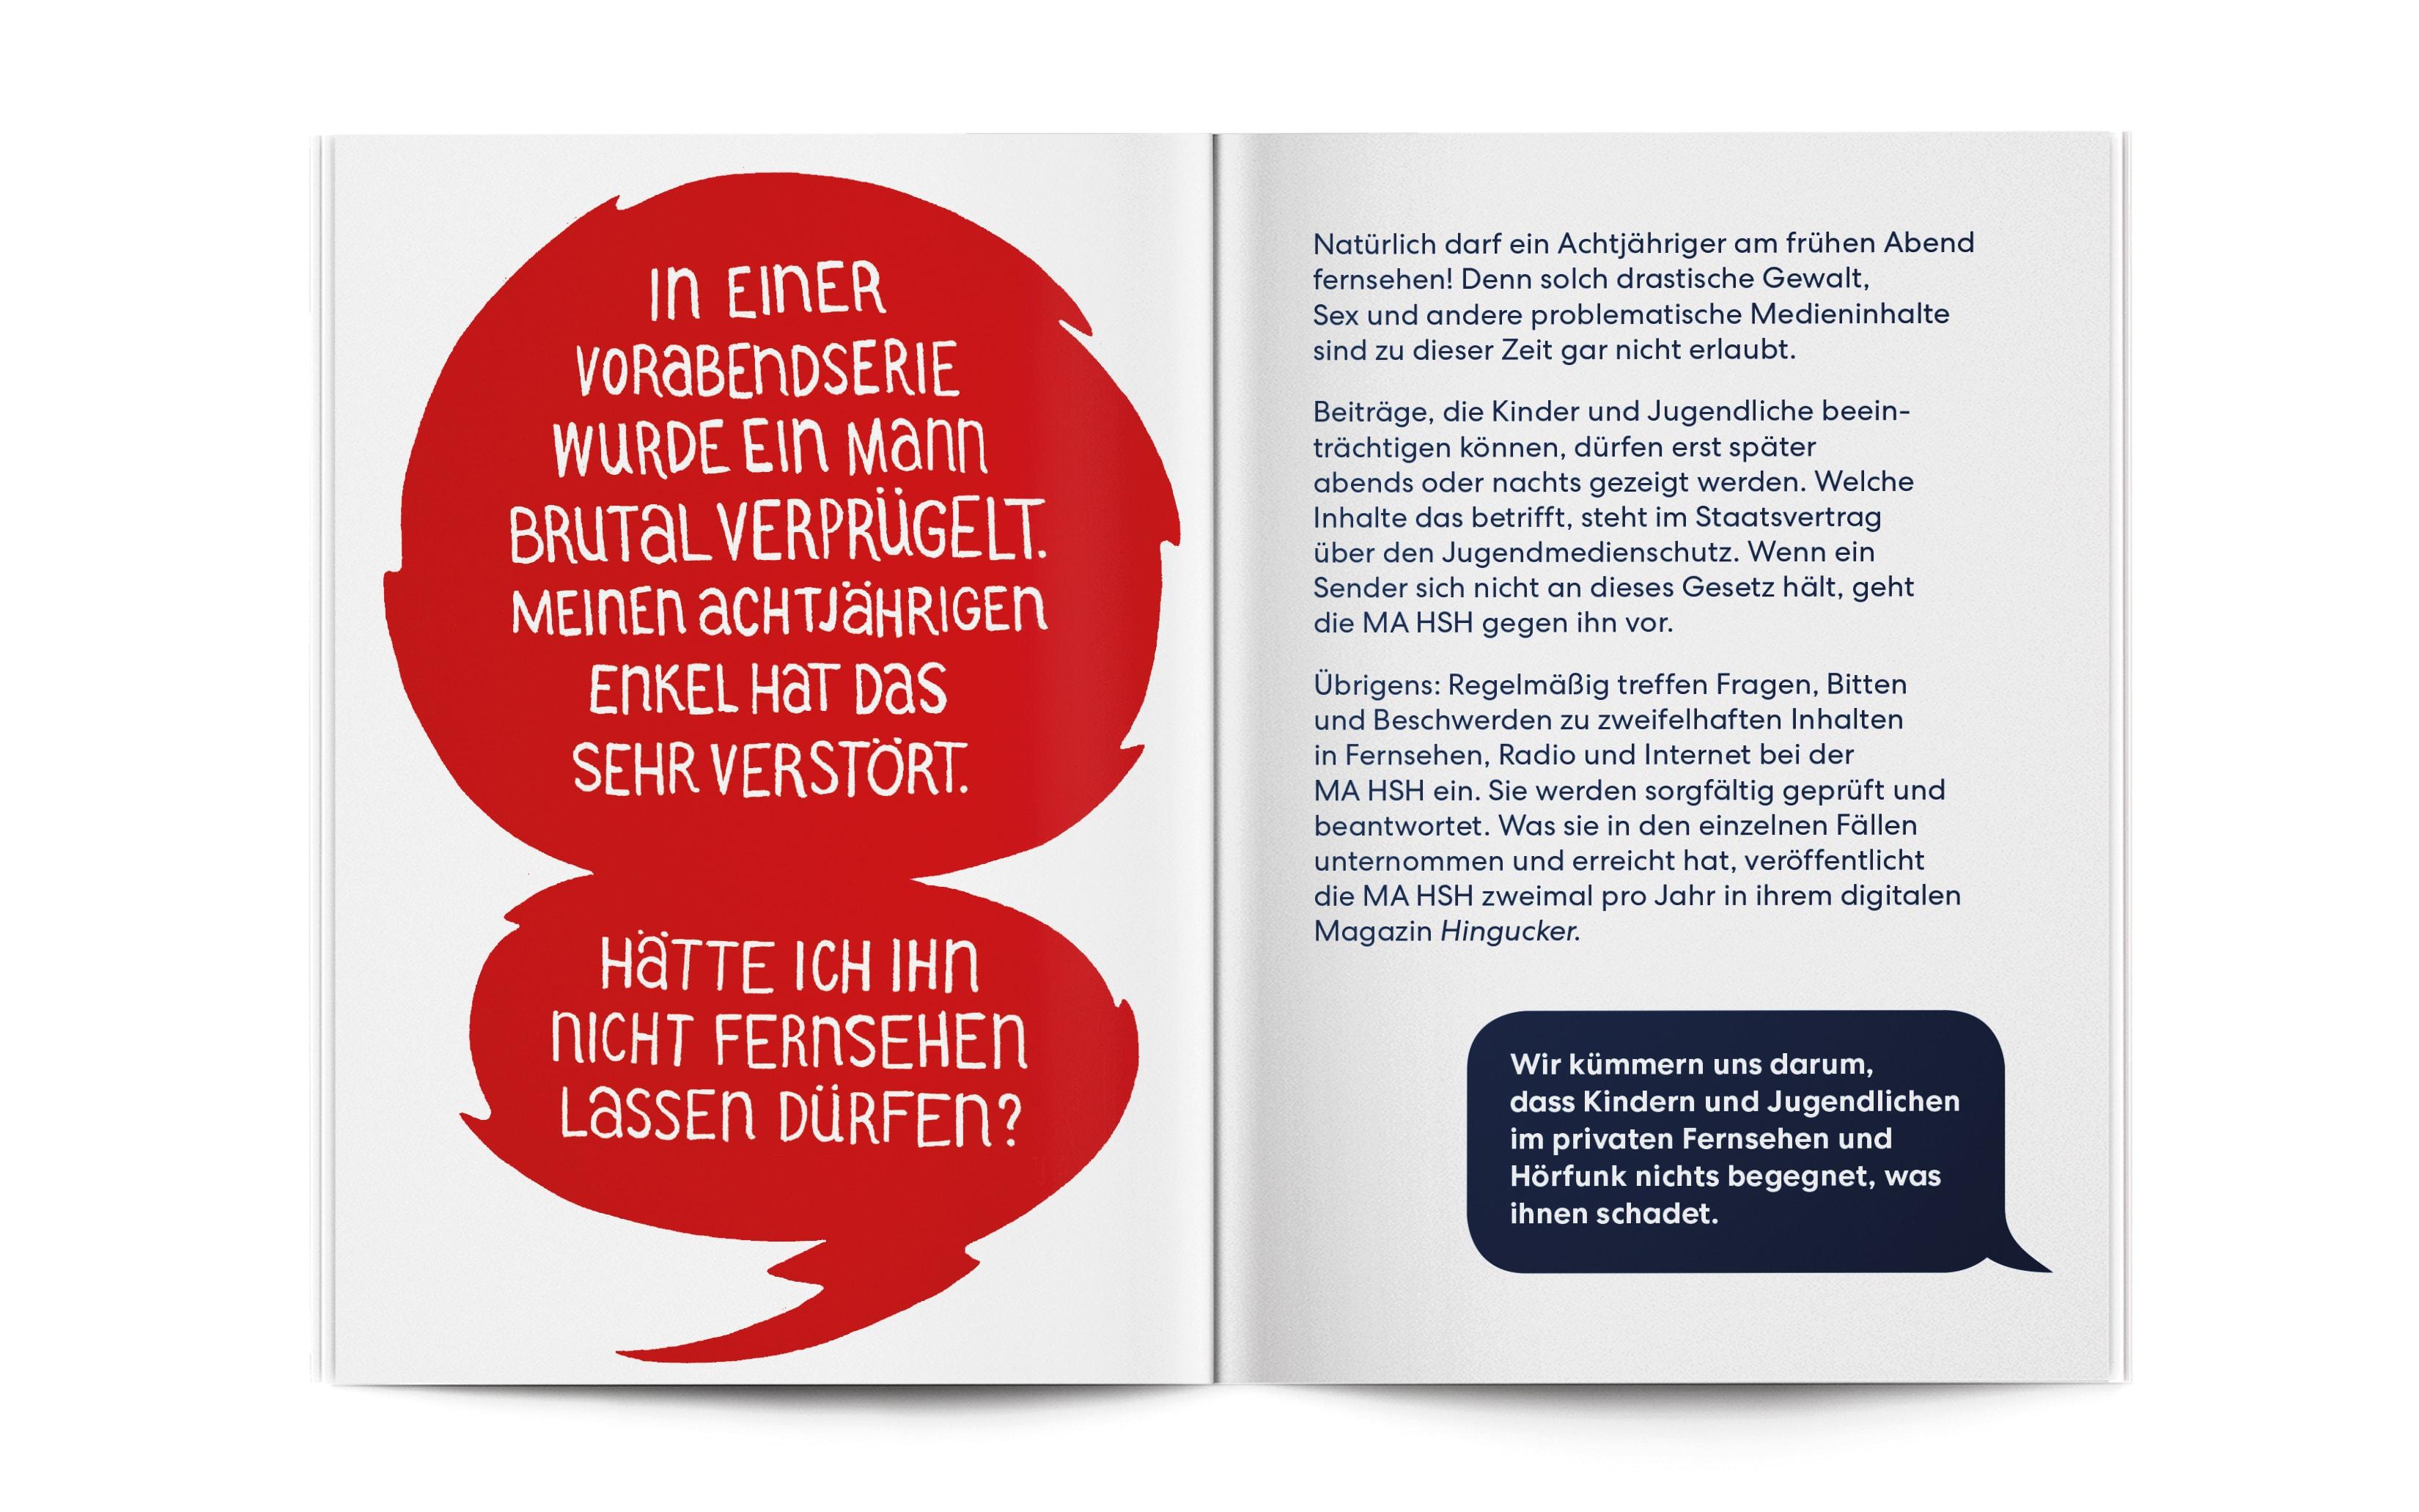 Bureau Johannes Erler – Was tun gegen Hatespeech?